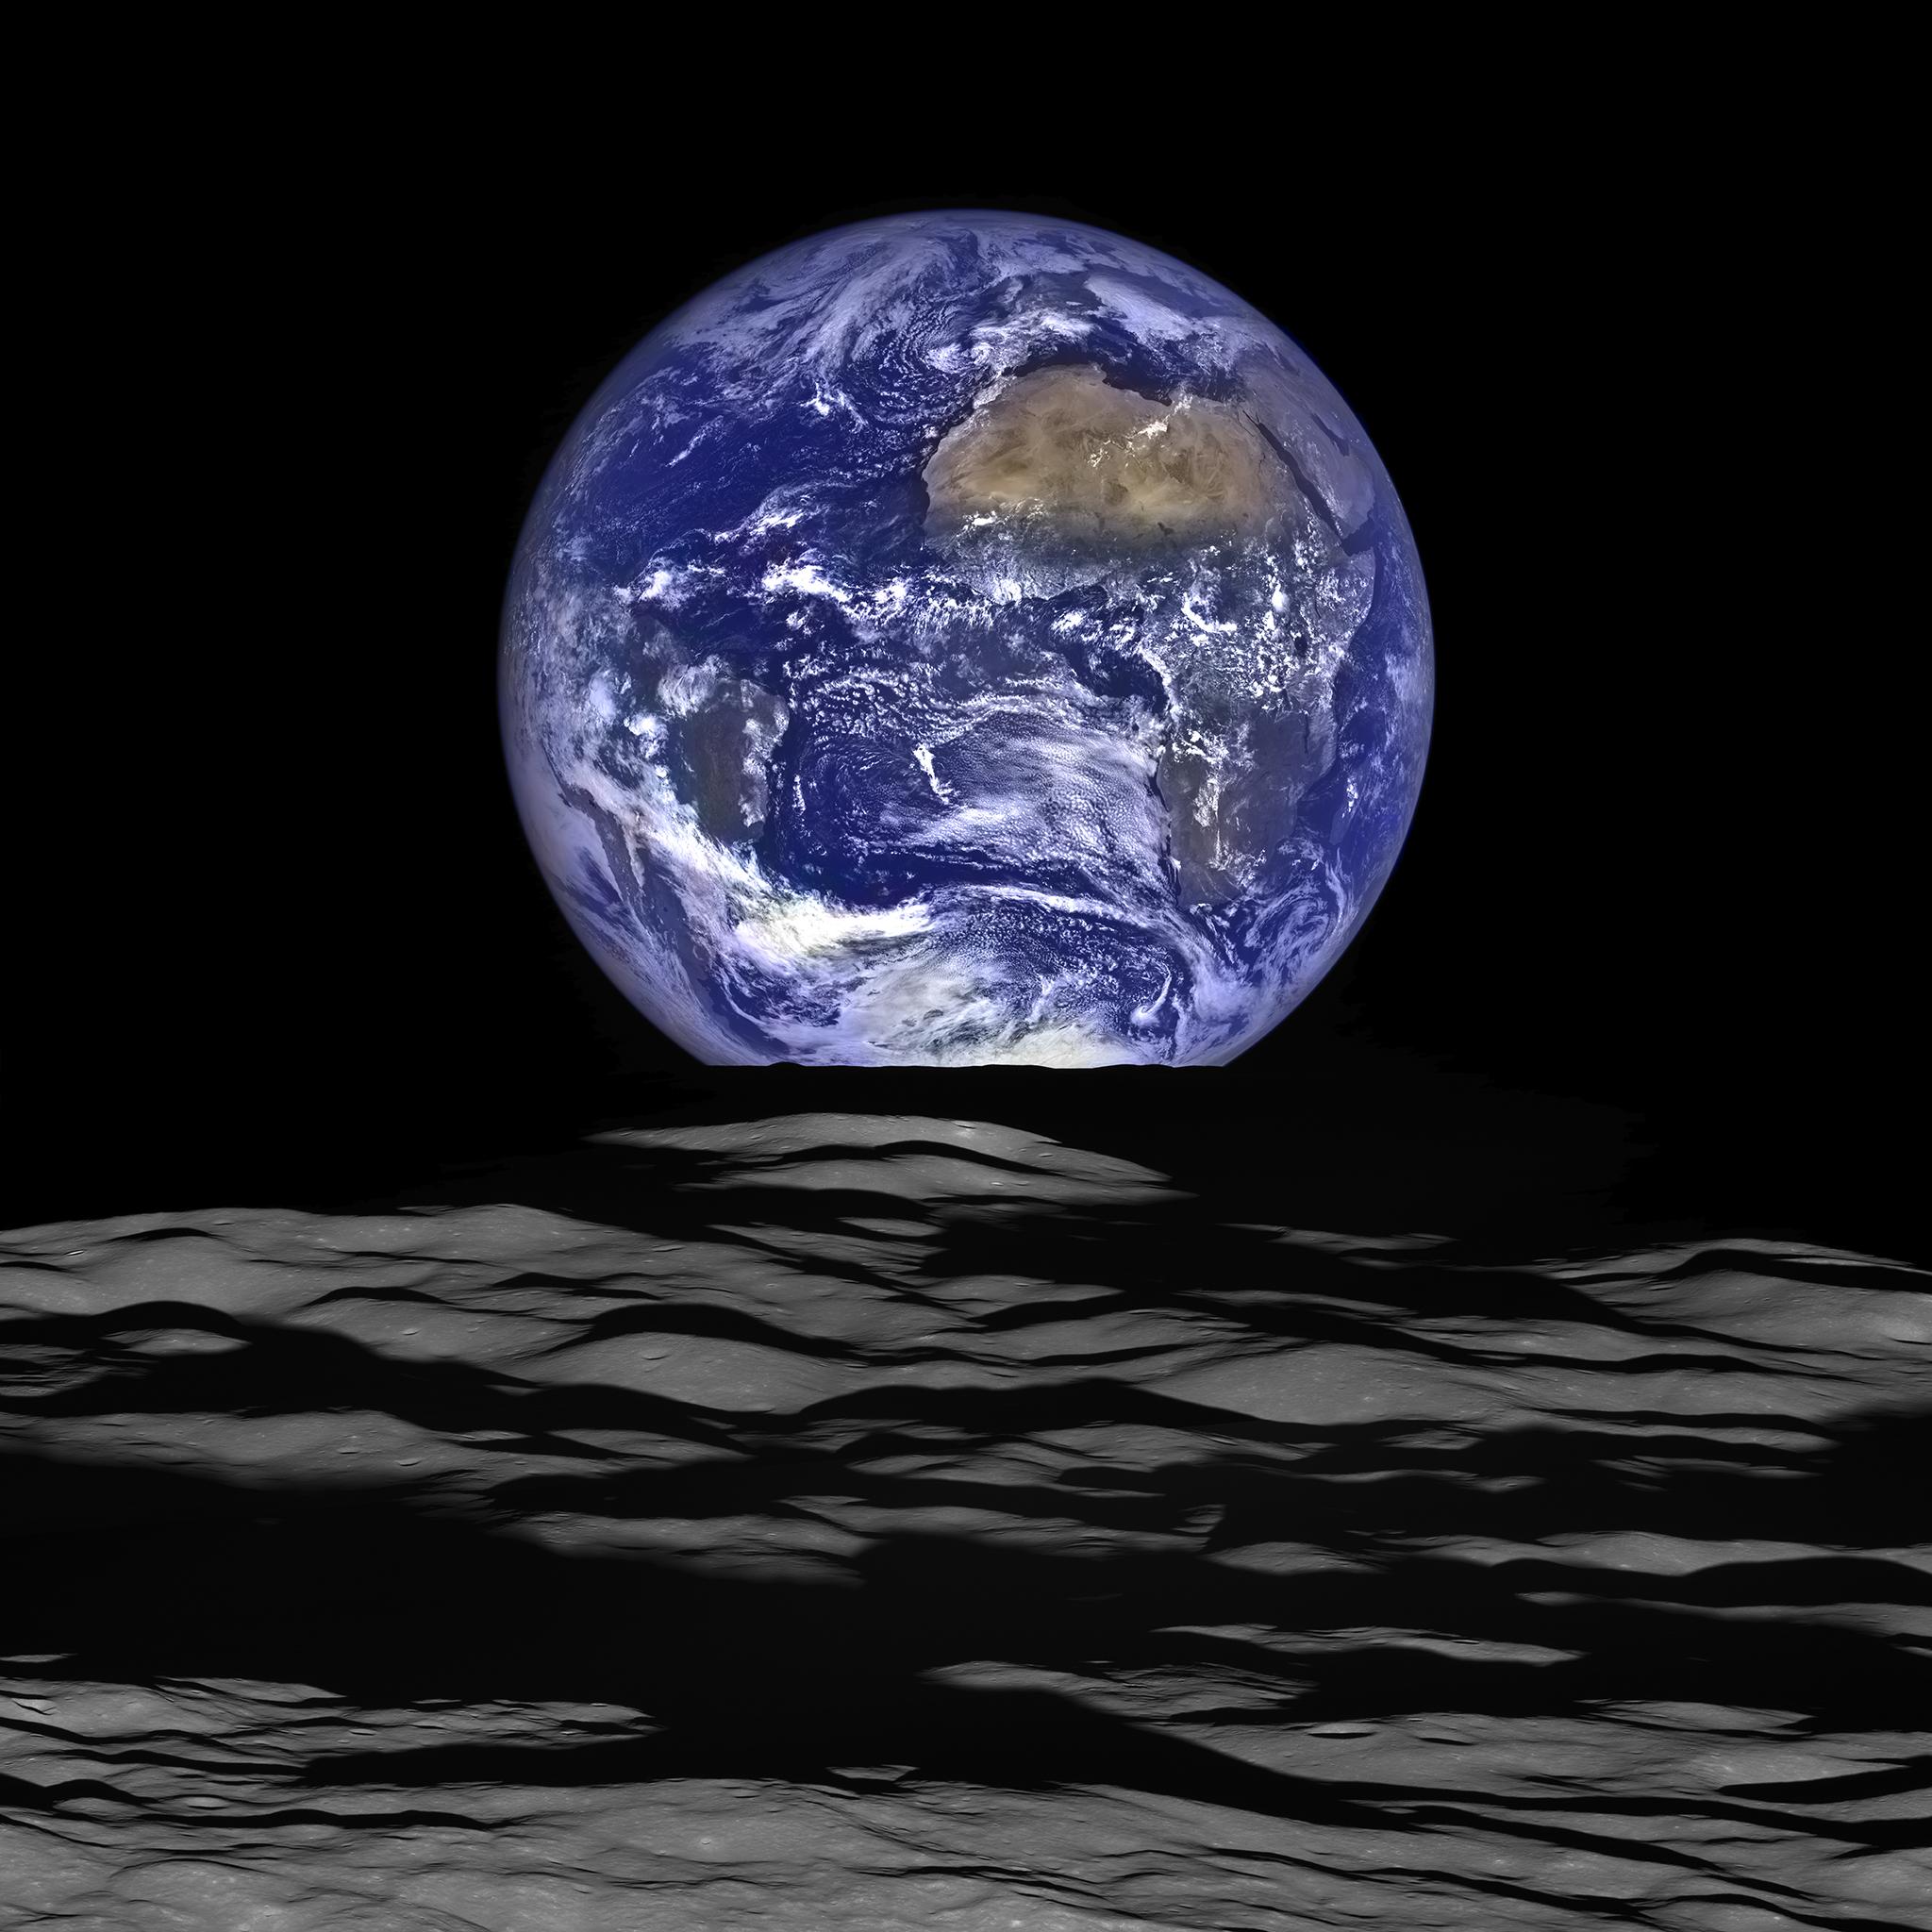 Flache Erde Karte Kaufen.Flache Erde Oder Erdkugel Wer Profitiert Von Der